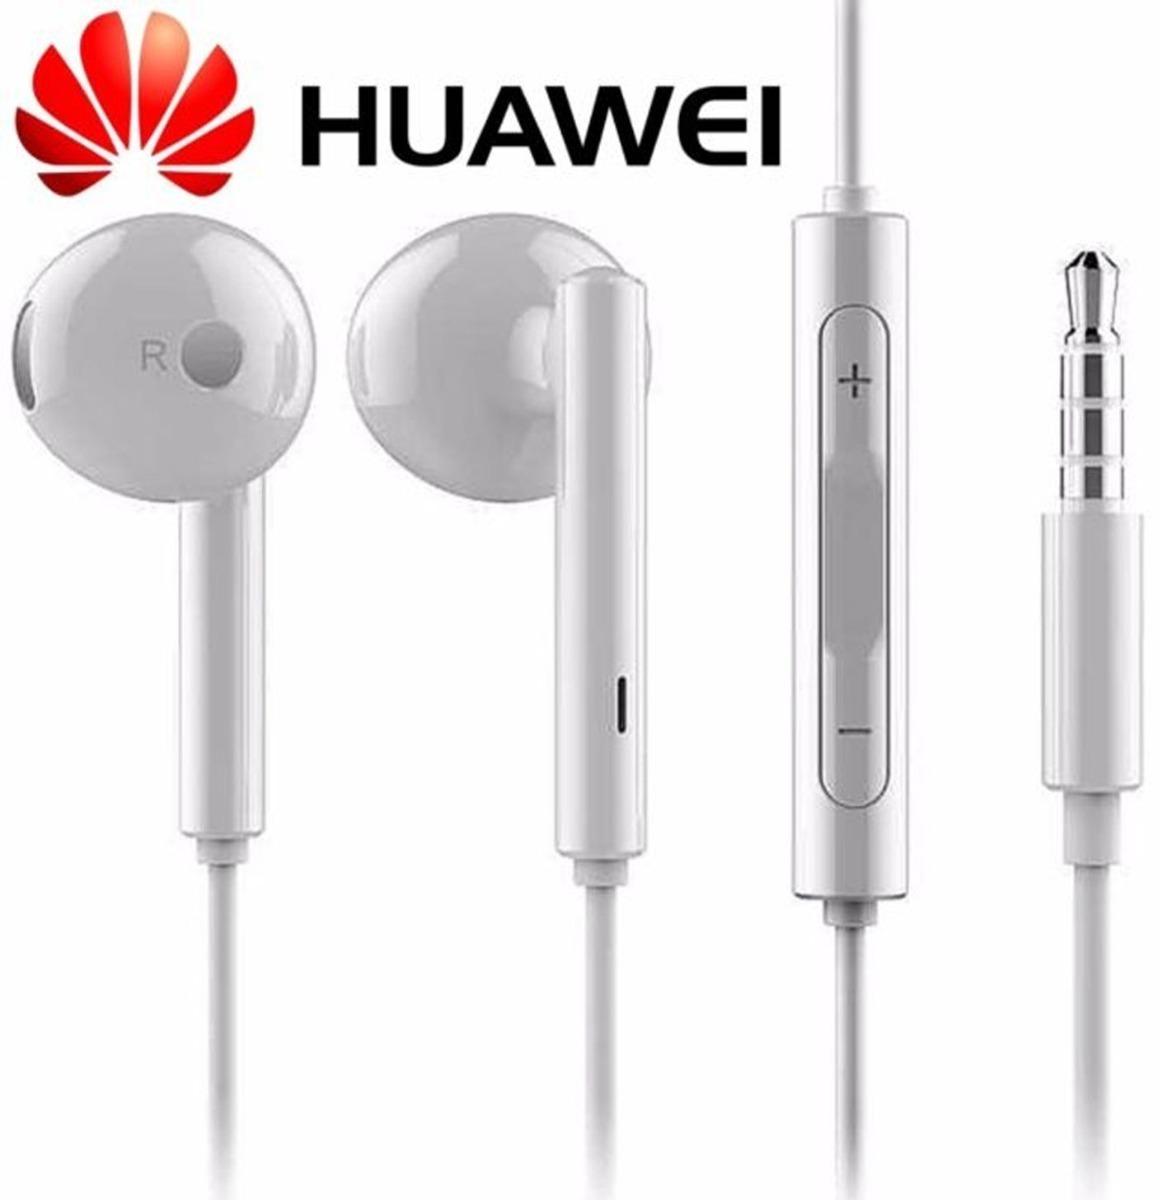 HD212/hd212-pro HD497/EH150/EH250/HD62-TV y Microsoft LifeChat LX-3000/Auriculares YDYBZB 1/par de Almohadillas de Repuesto Almohadillas para Auriculares Sennheiser HD202